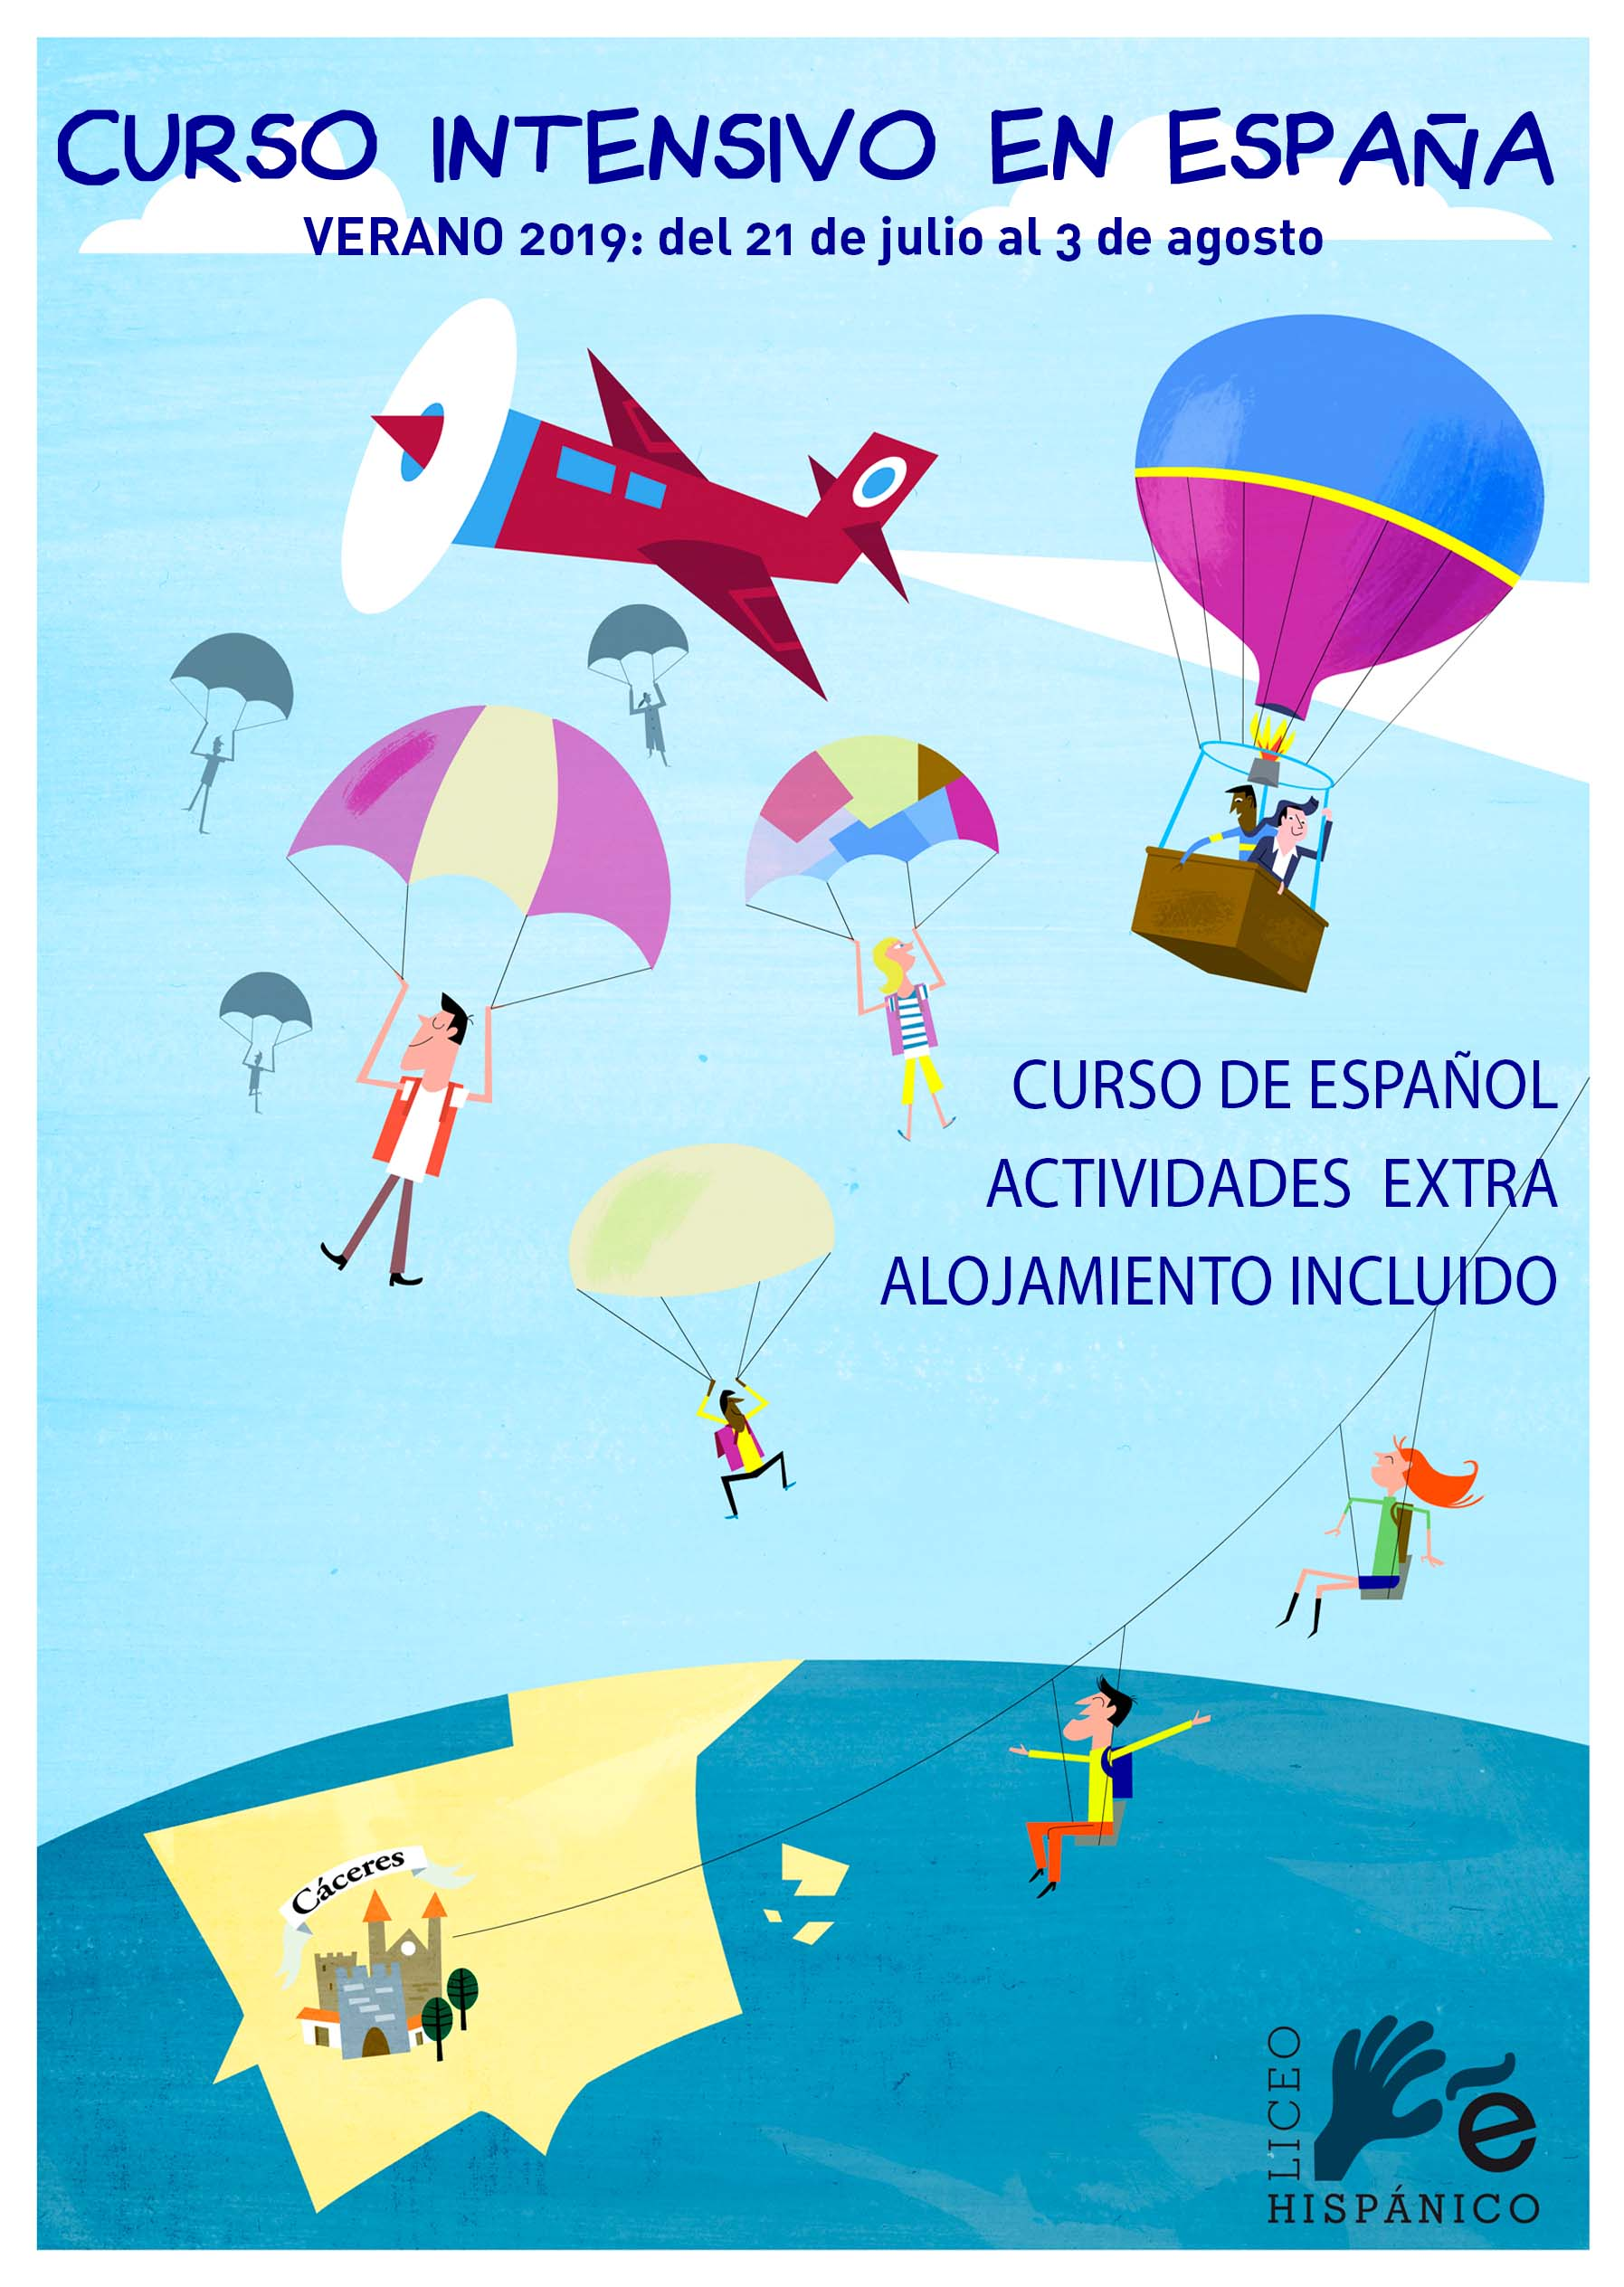 Curso verano espana.